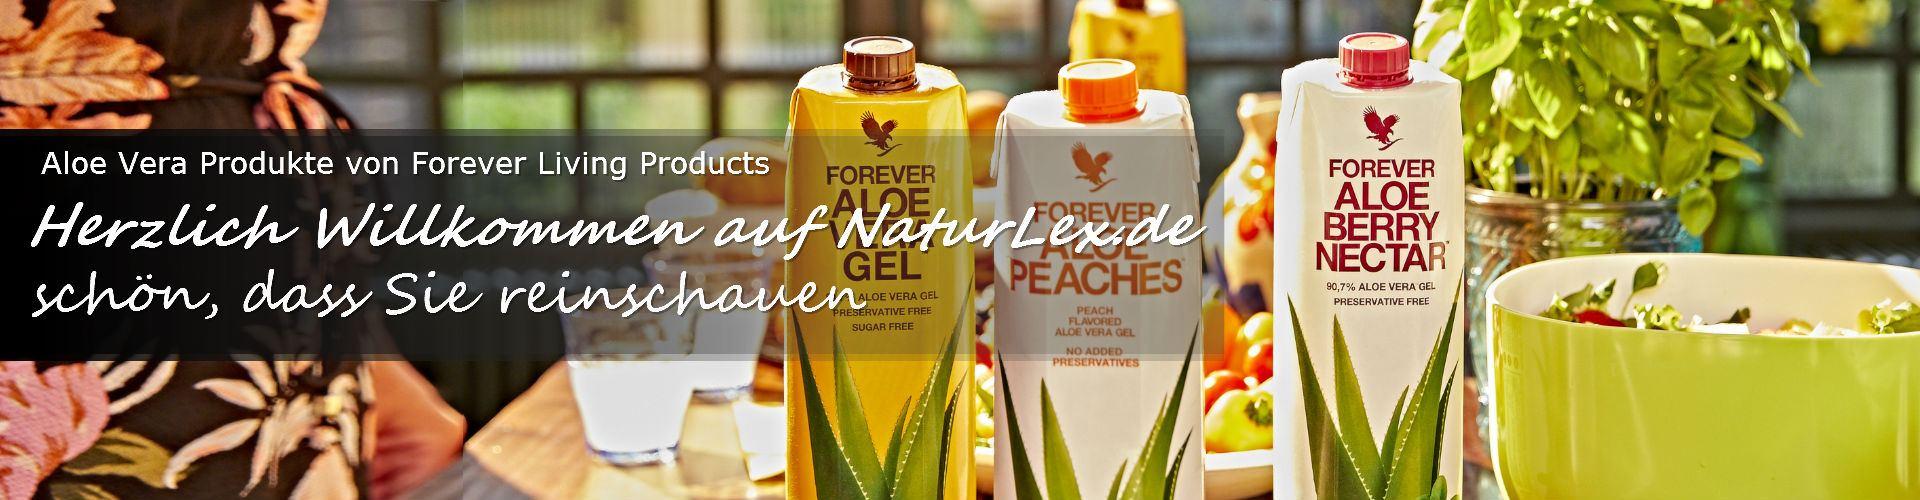 Aloe vera products 2